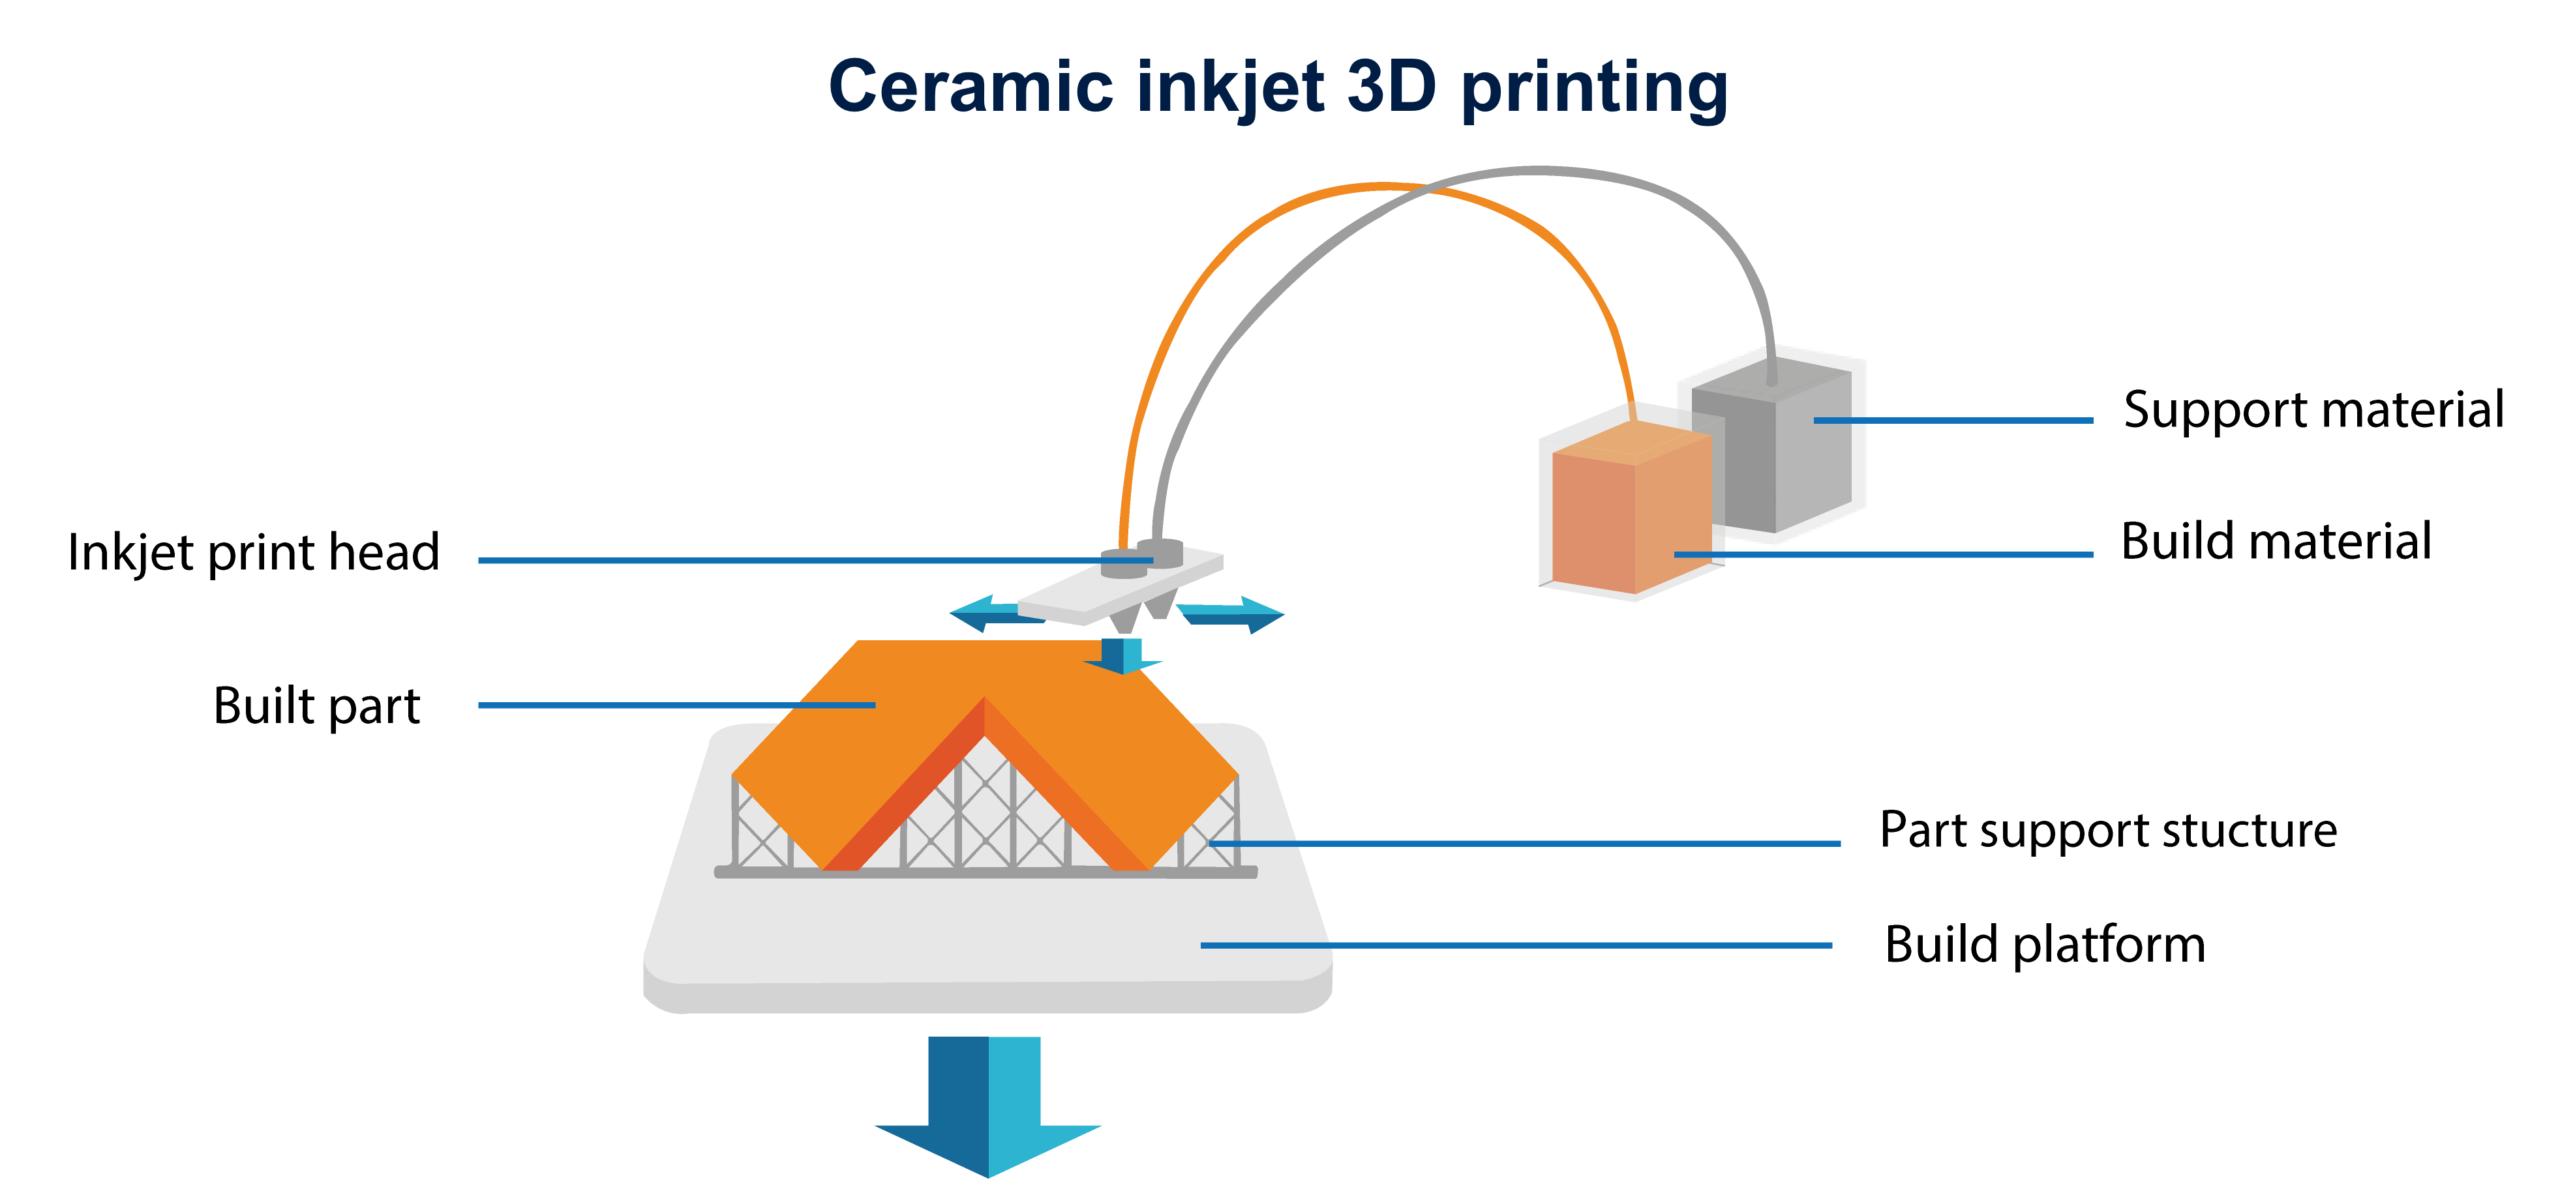 Ceramic inkjet 3D printing